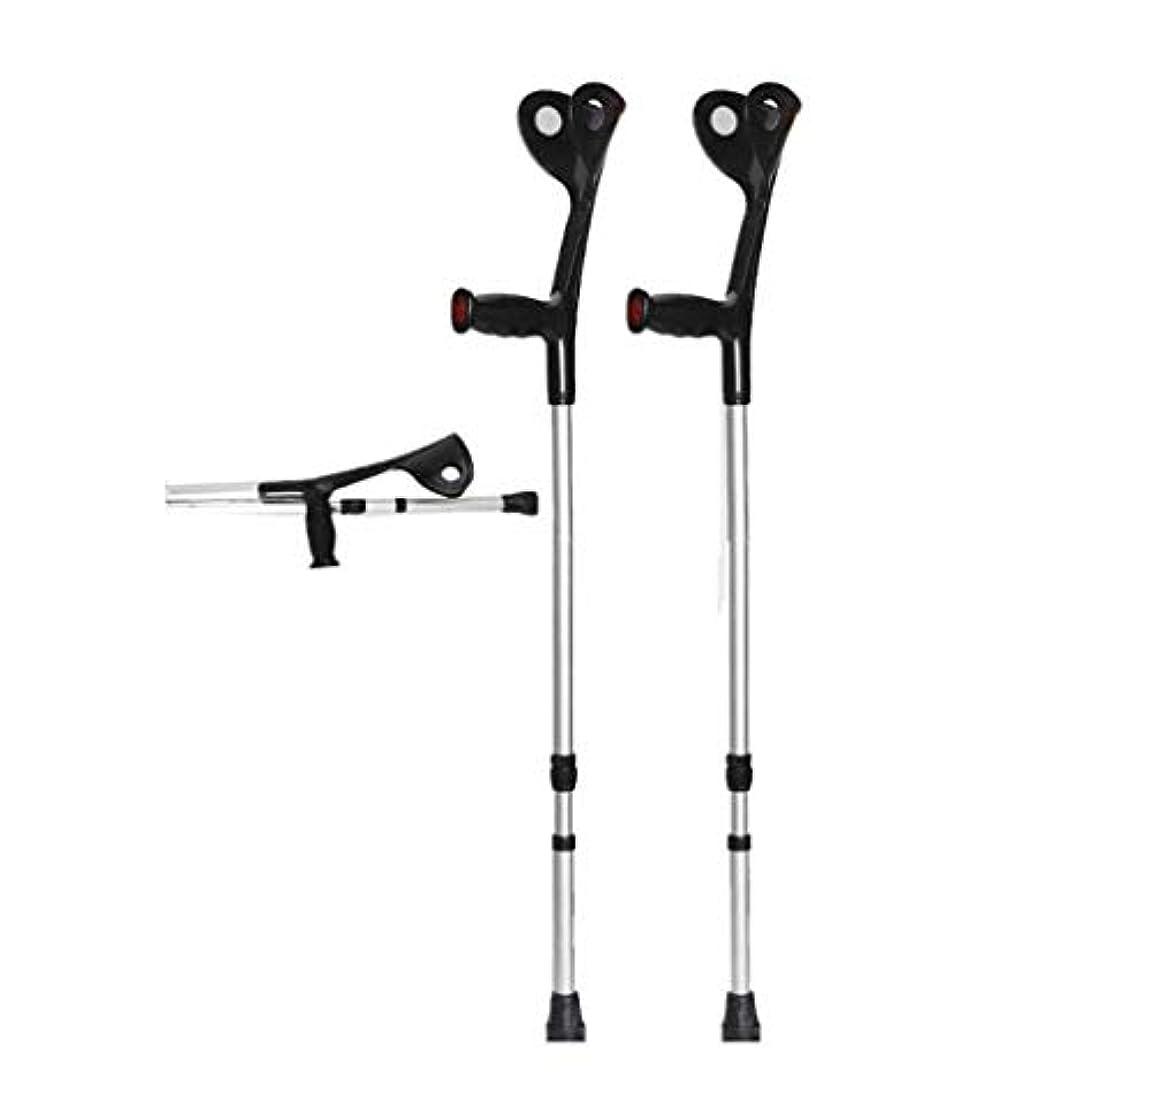 保証する両方めまい松葉杖折りたたみ歩行前腕松葉杖軽量アームカフ松葉杖調節可能な脇の松葉杖大人用, 人間工学に基づいたハンドル